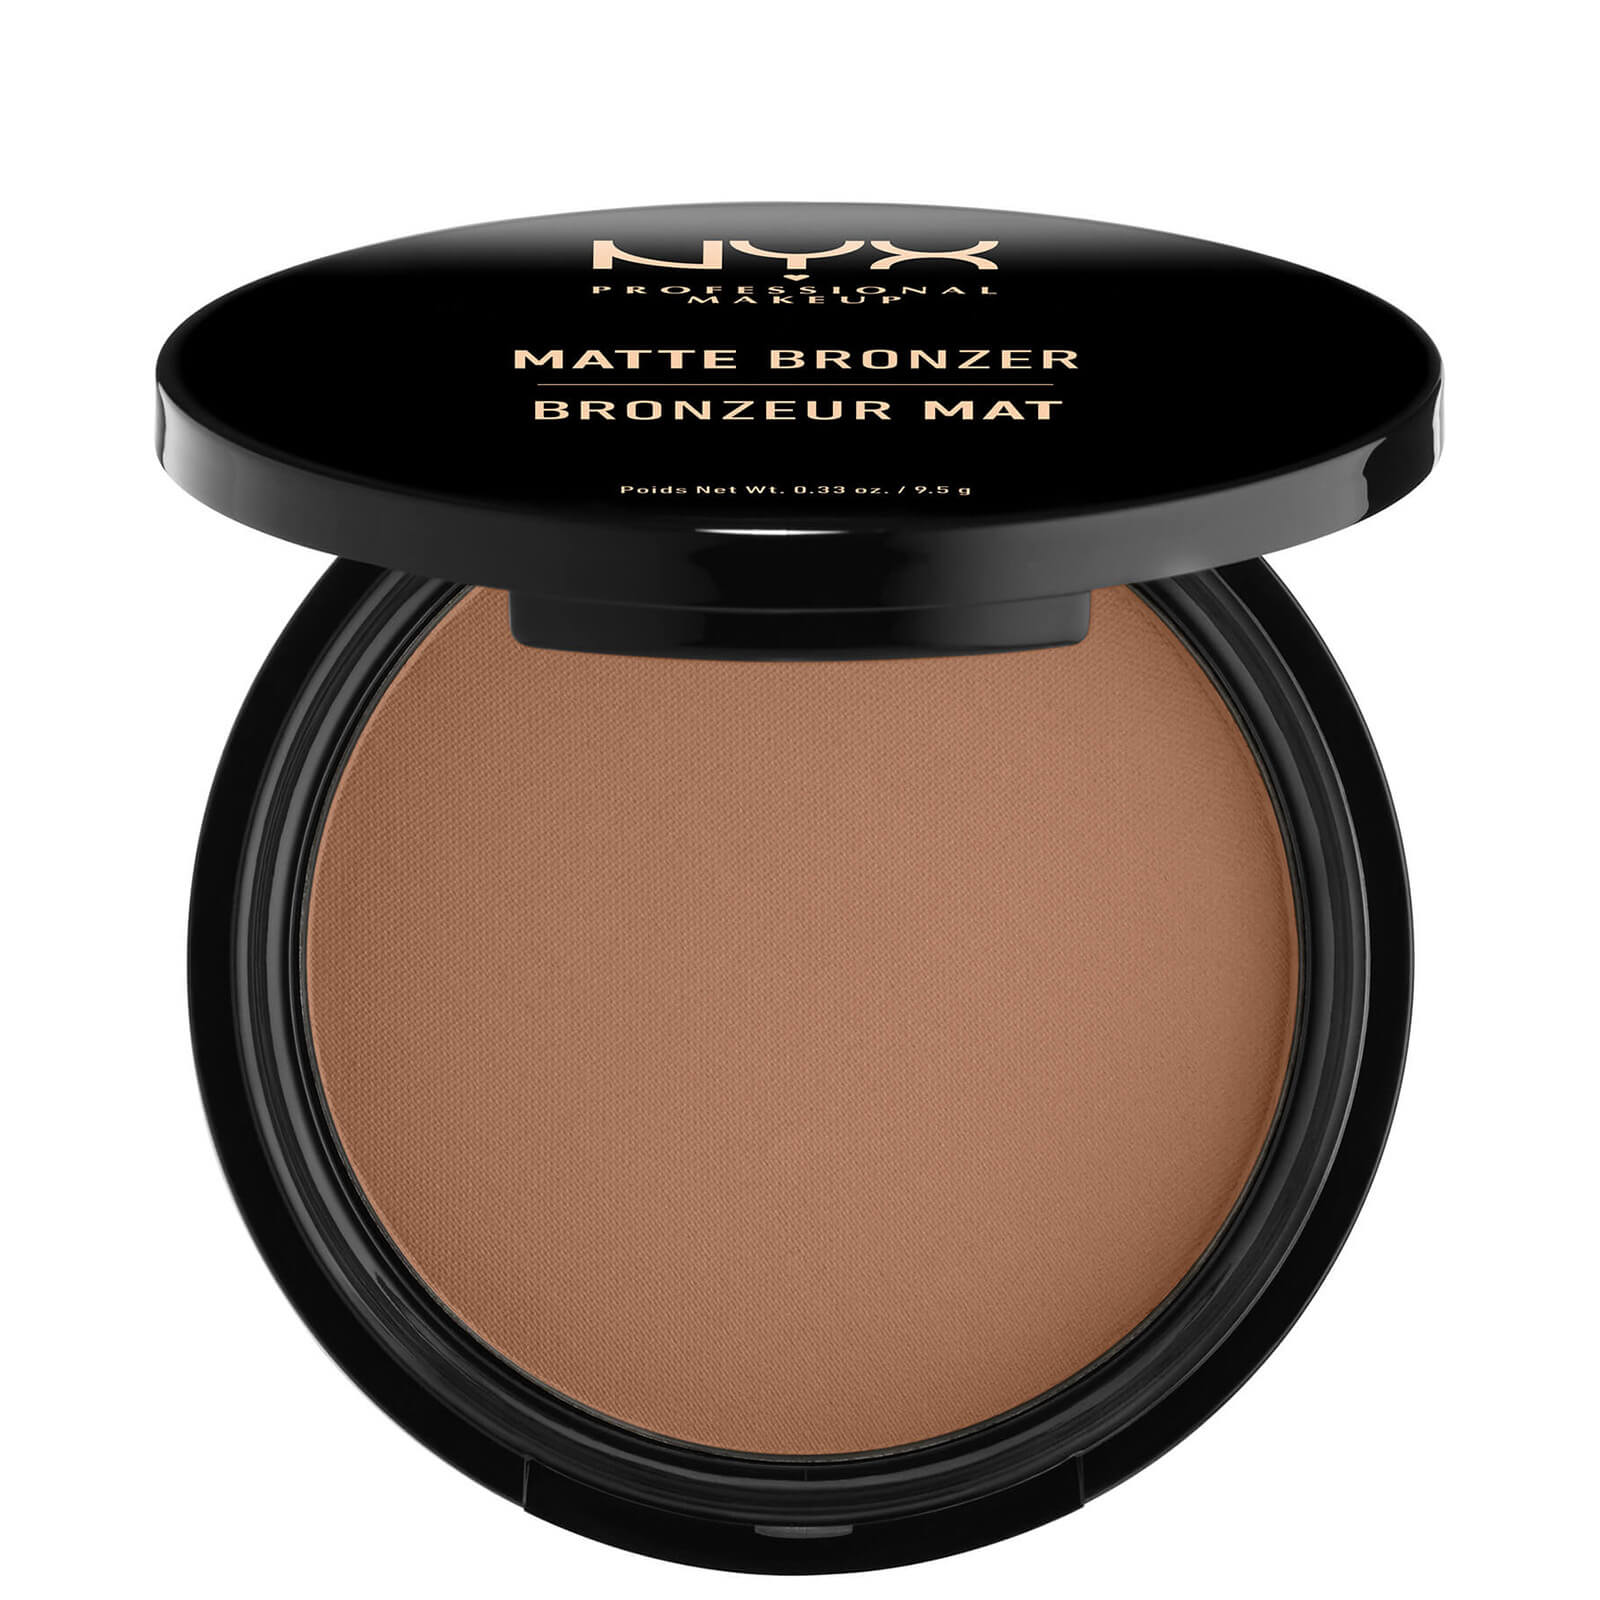 Купить Матовая бронзирующая пудра NYX Professional Makeup Matte Bronzer (различные оттенки) - Medium